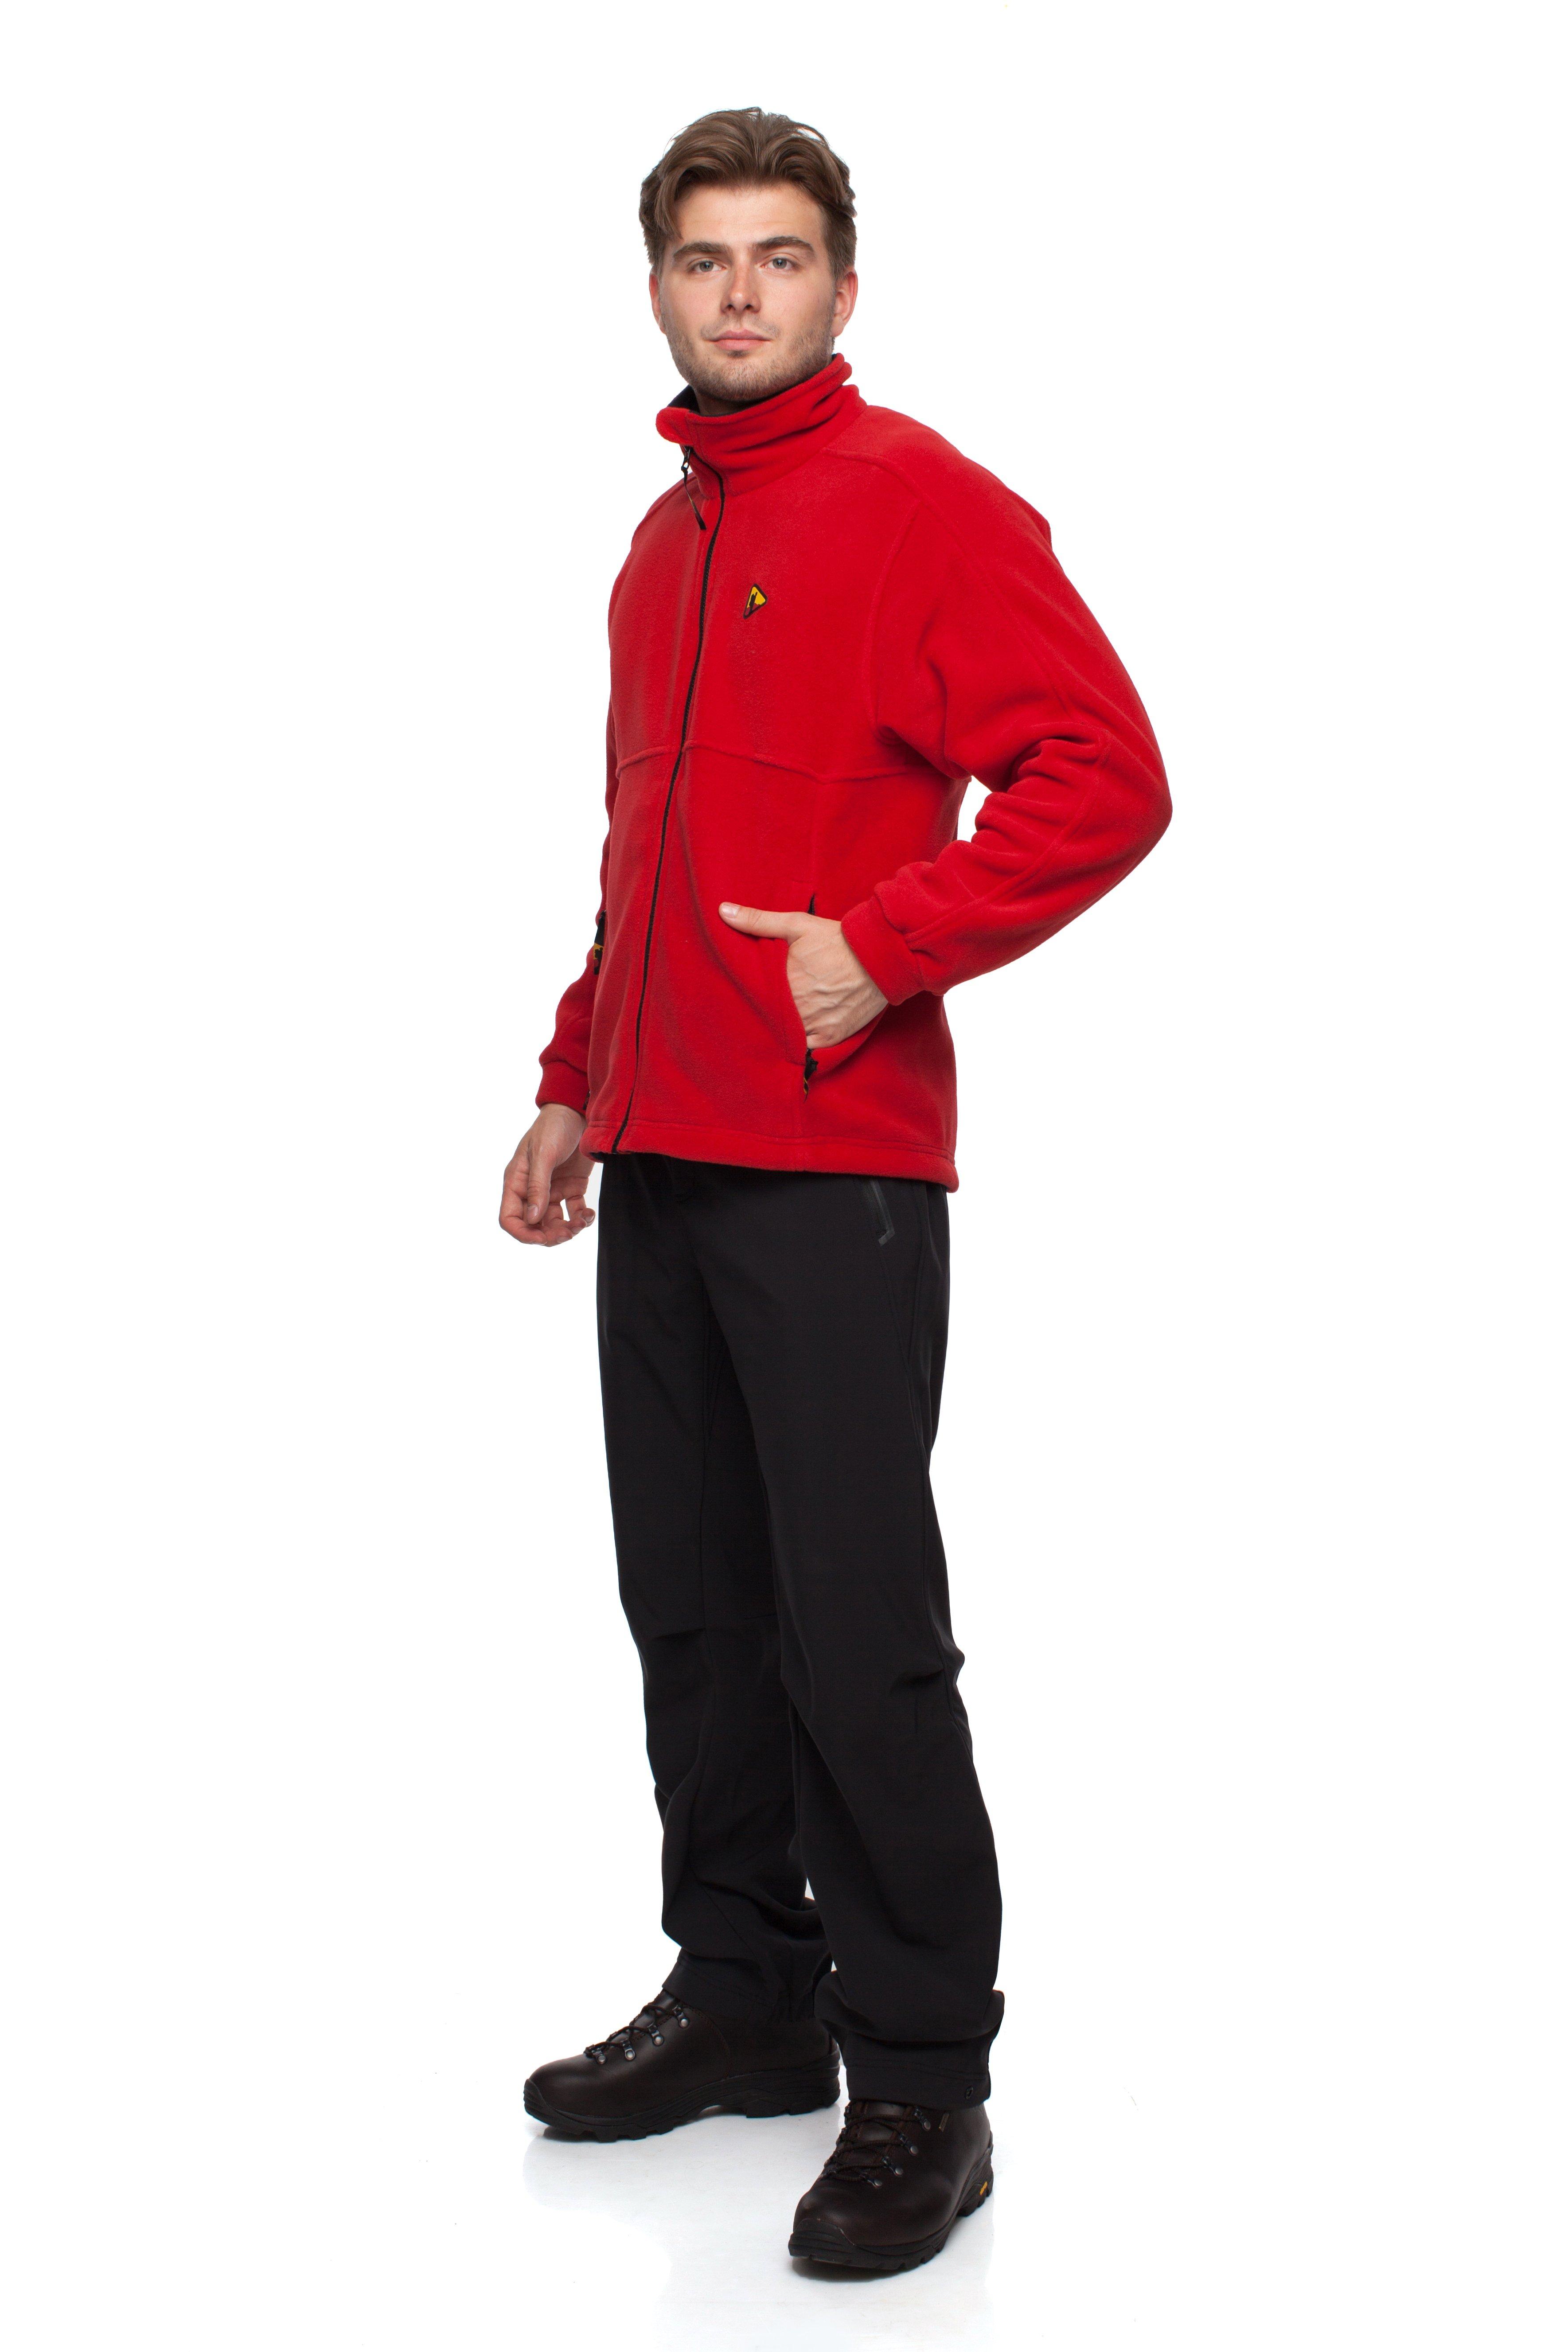 Куртка BASK FAST MJ z4253Теплая мужская куртка свободного покроя для спорта и активного отдыха.<br><br>Боковые карманы: 2<br>Ветрозащитная планка: Да<br>Материал усиления: нет<br>Пол: Муж.<br>Регулировка вентиляции: Нет<br>Регулировка низа: Да<br>Регулируемые вентиляционные отверстия: Нет<br>Тип молнии: двухзамковая<br>Усиление контактных зон: Нет<br>Размер INT: S<br>Цвет: ЗЕЛЕНЫЙ